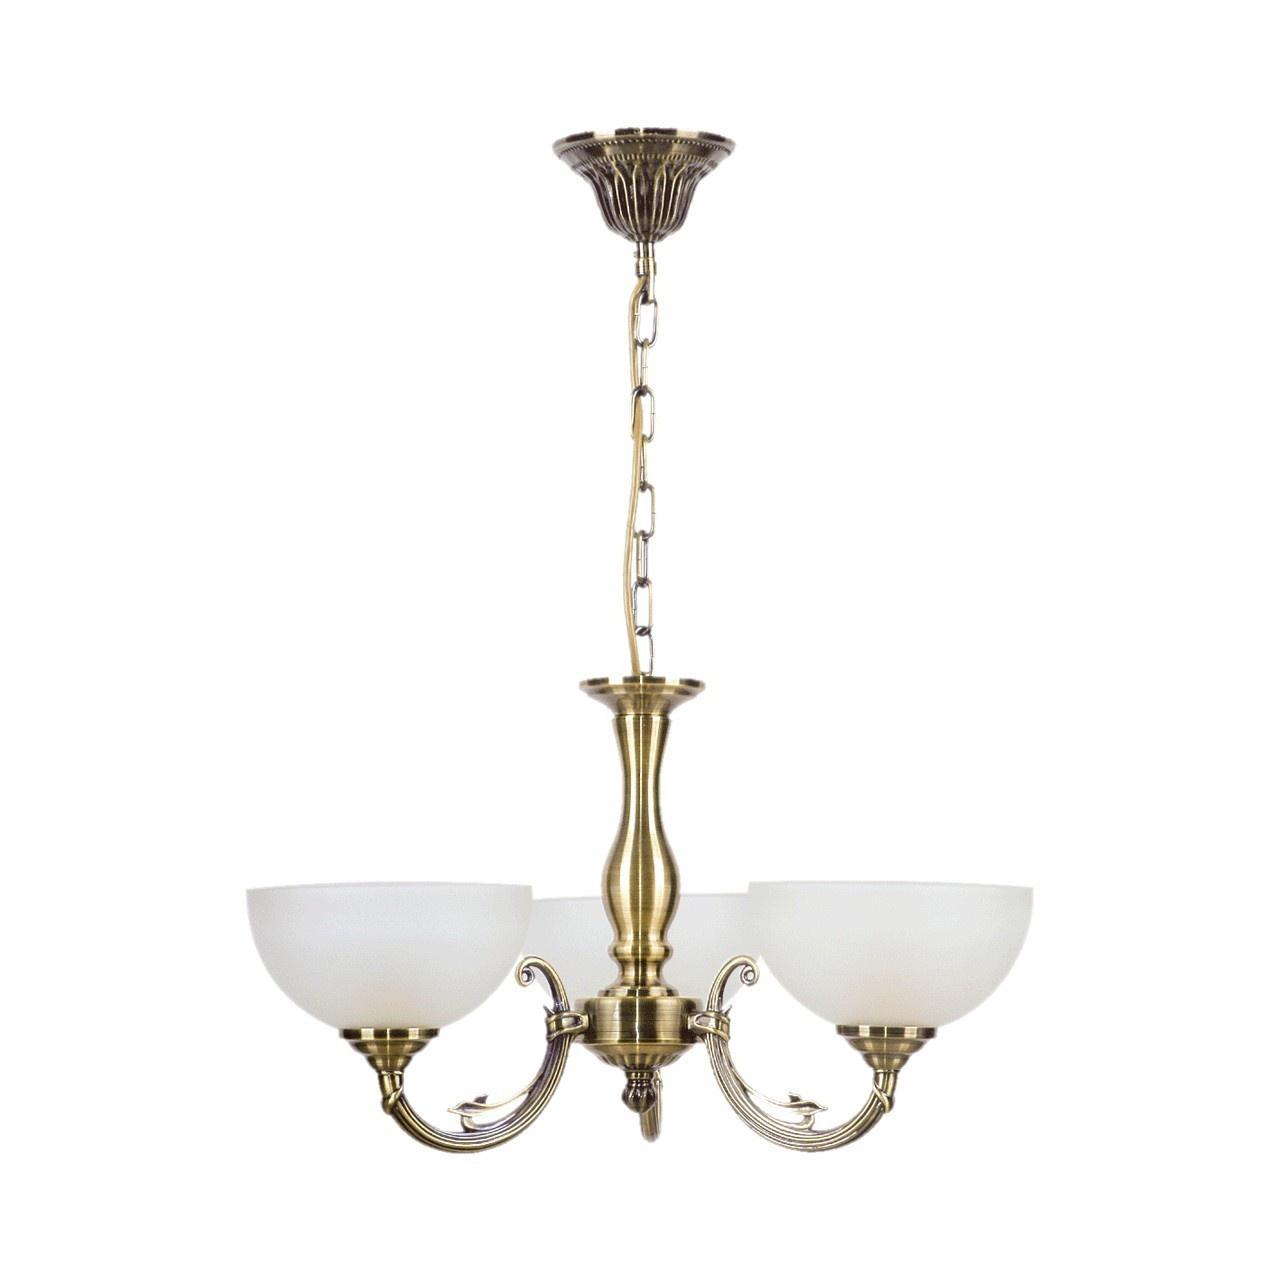 Люстра Mw lightЛюстры<br>Назначение светильника: для спальни,<br>Стиль светильника: классика,<br>Тип: подвесная,<br>Материал светильника: металл, стекло,<br>Материал плафона: стекло,<br>Материал арматуры: металл,<br>Длина (мм): 320,<br>Ширина: 320,<br>Высота: 750,<br>Количество ламп: 3,<br>Тип лампы: накаливания,<br>Мощность: 60,<br>Патрон: Е27,<br>Цвет арматуры: алюминий,<br>Коллекция: Олимп<br>